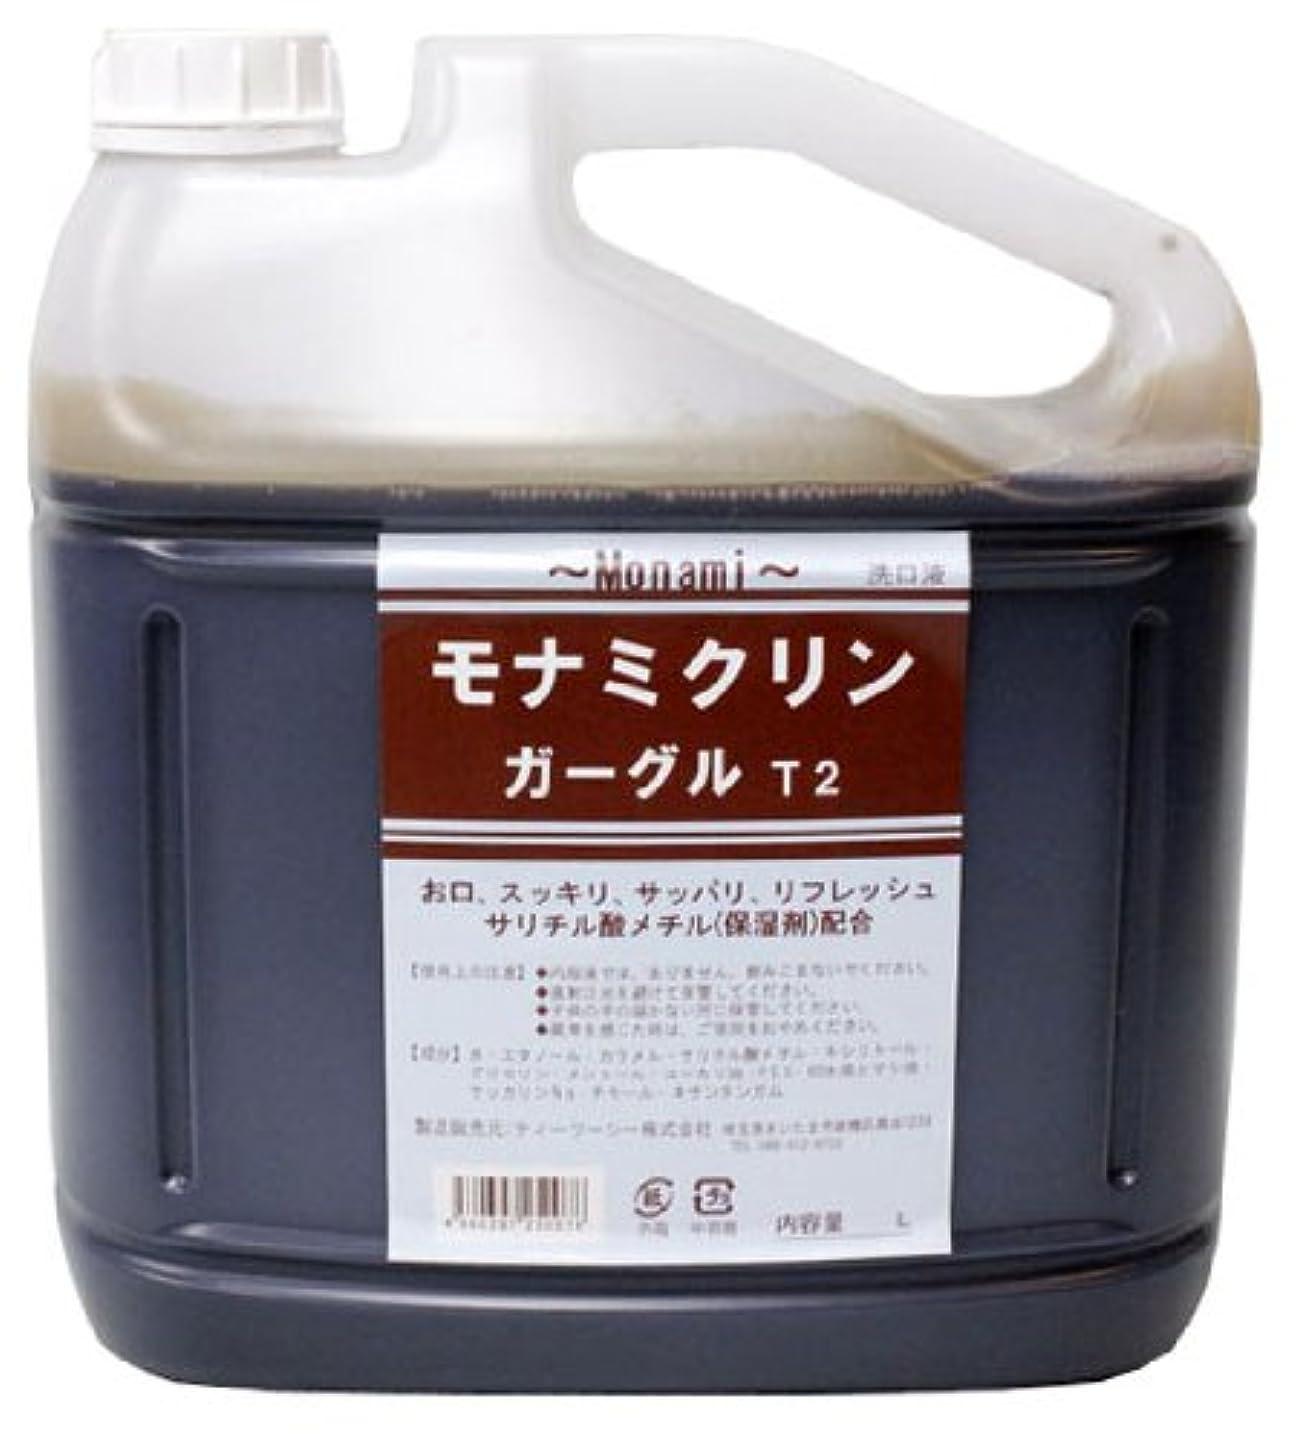 煙聖書案件【業務用】モナミ クリンガーグルT2 5リットル サリチル酸メチル配合